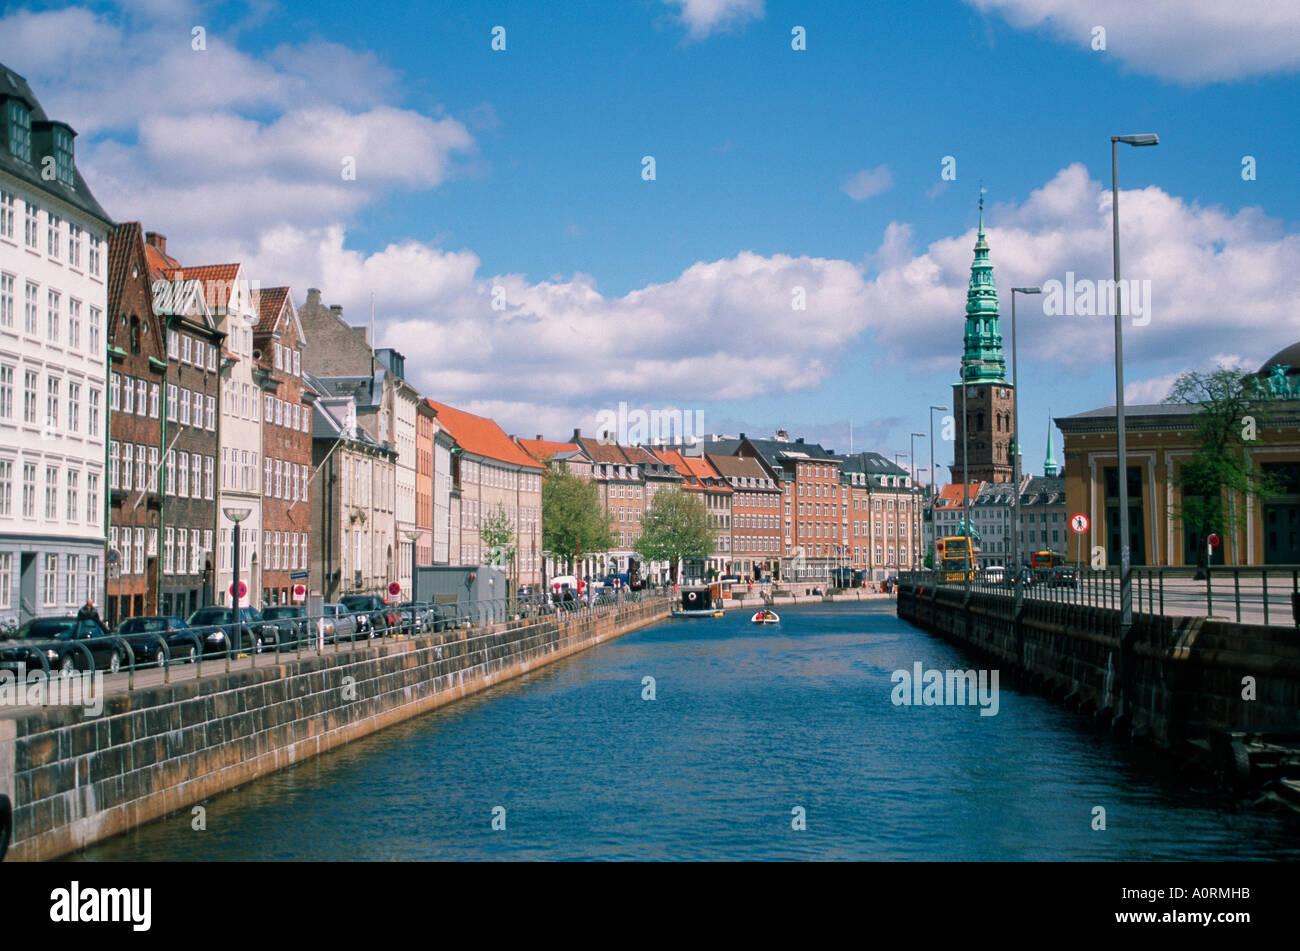 Frederiksholms canal / Frederiksholms-Kanal - Stock Image